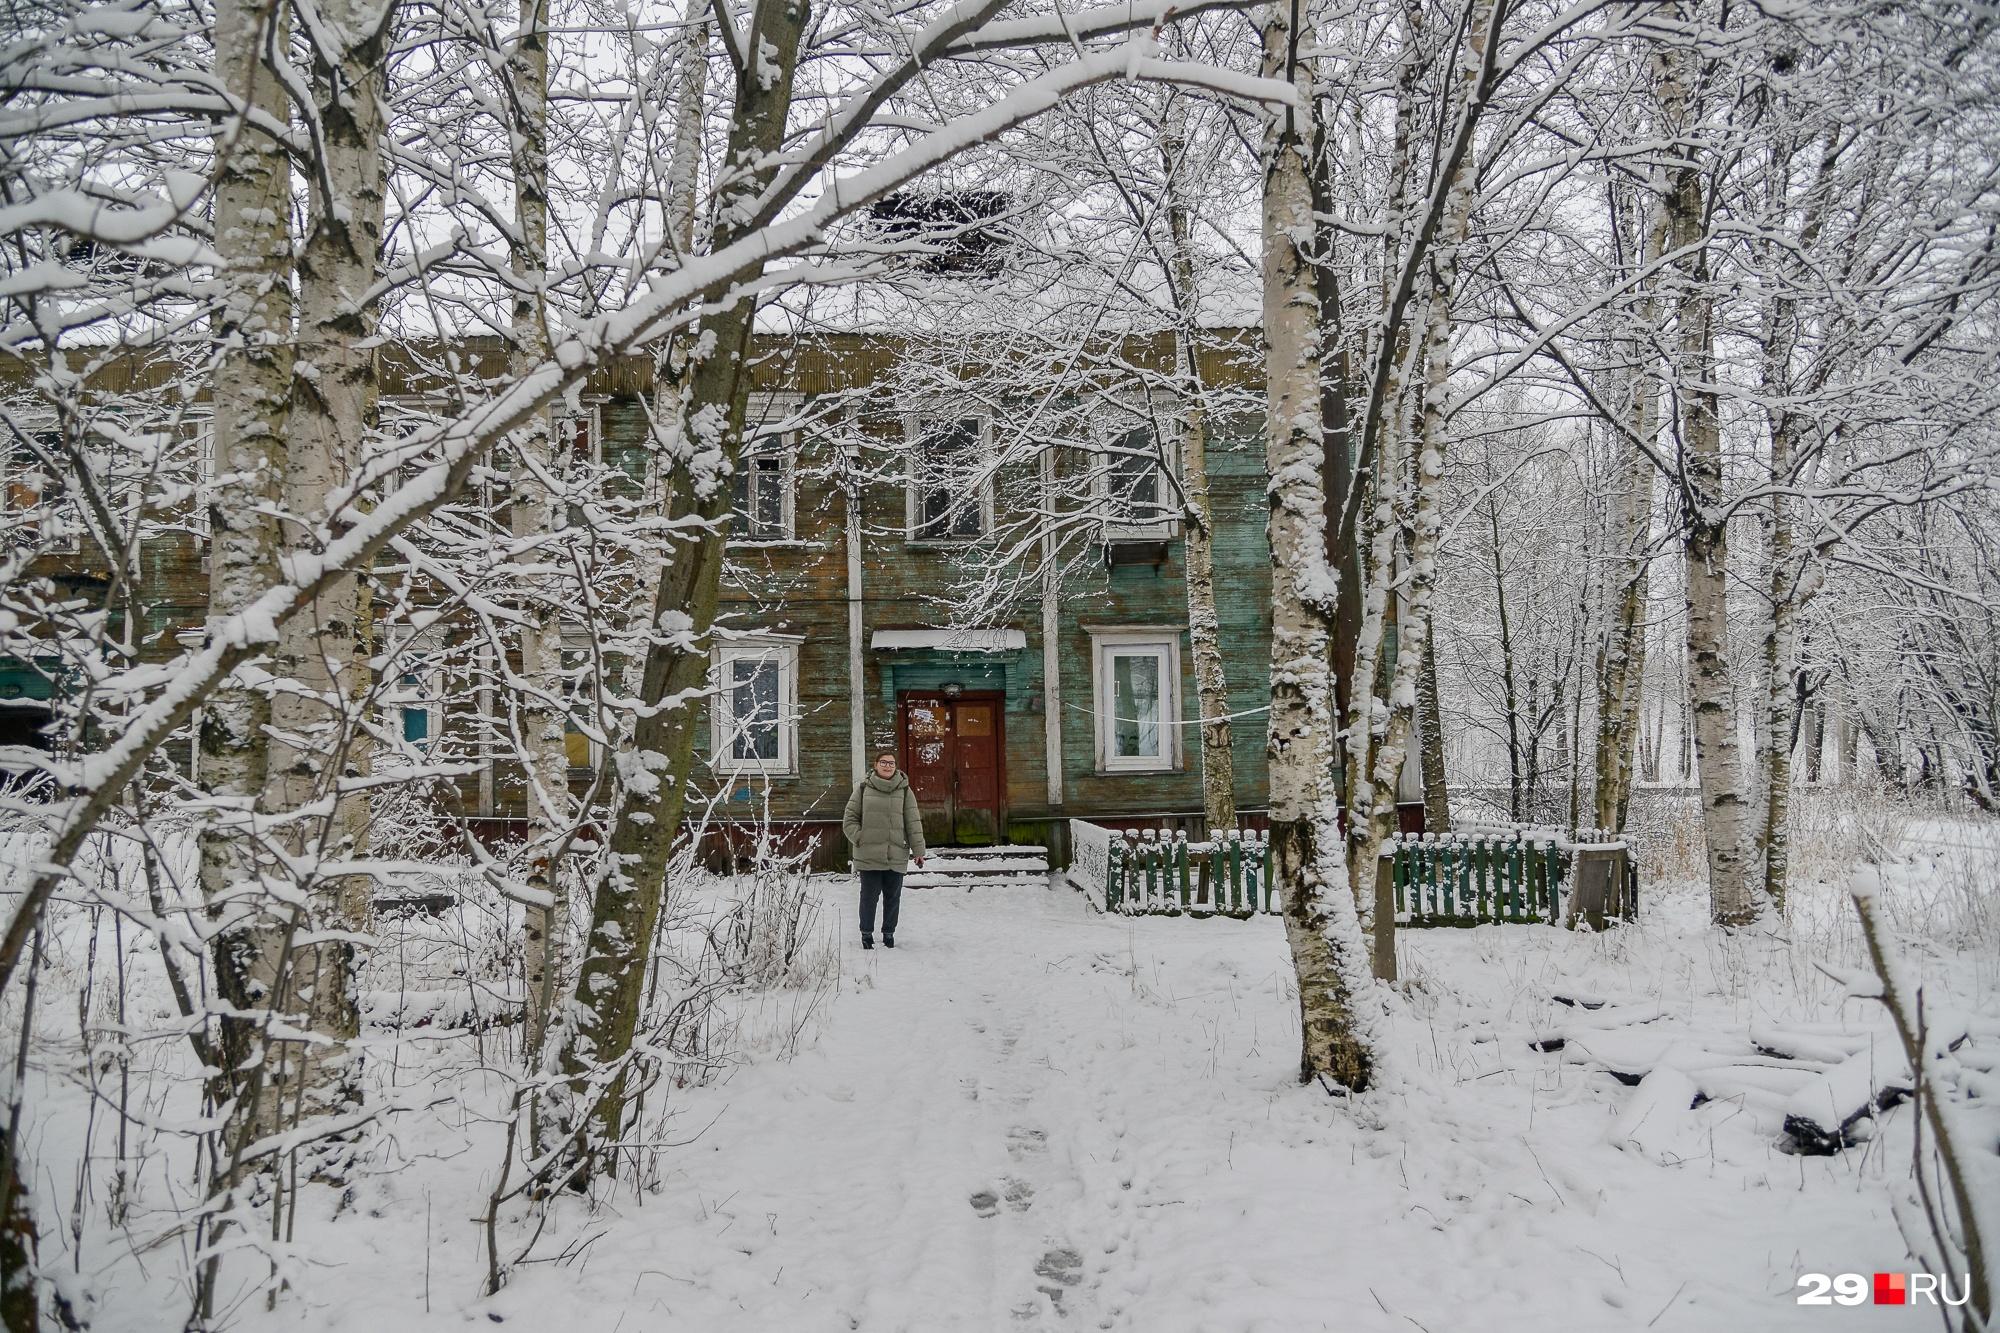 Одни деревянные дома выглядят очень плохо, другие — чуть лучше. Но общее впечатление — все они скоро прикажут долго жить, и очень жаль людей, которые вынуждены тут жить